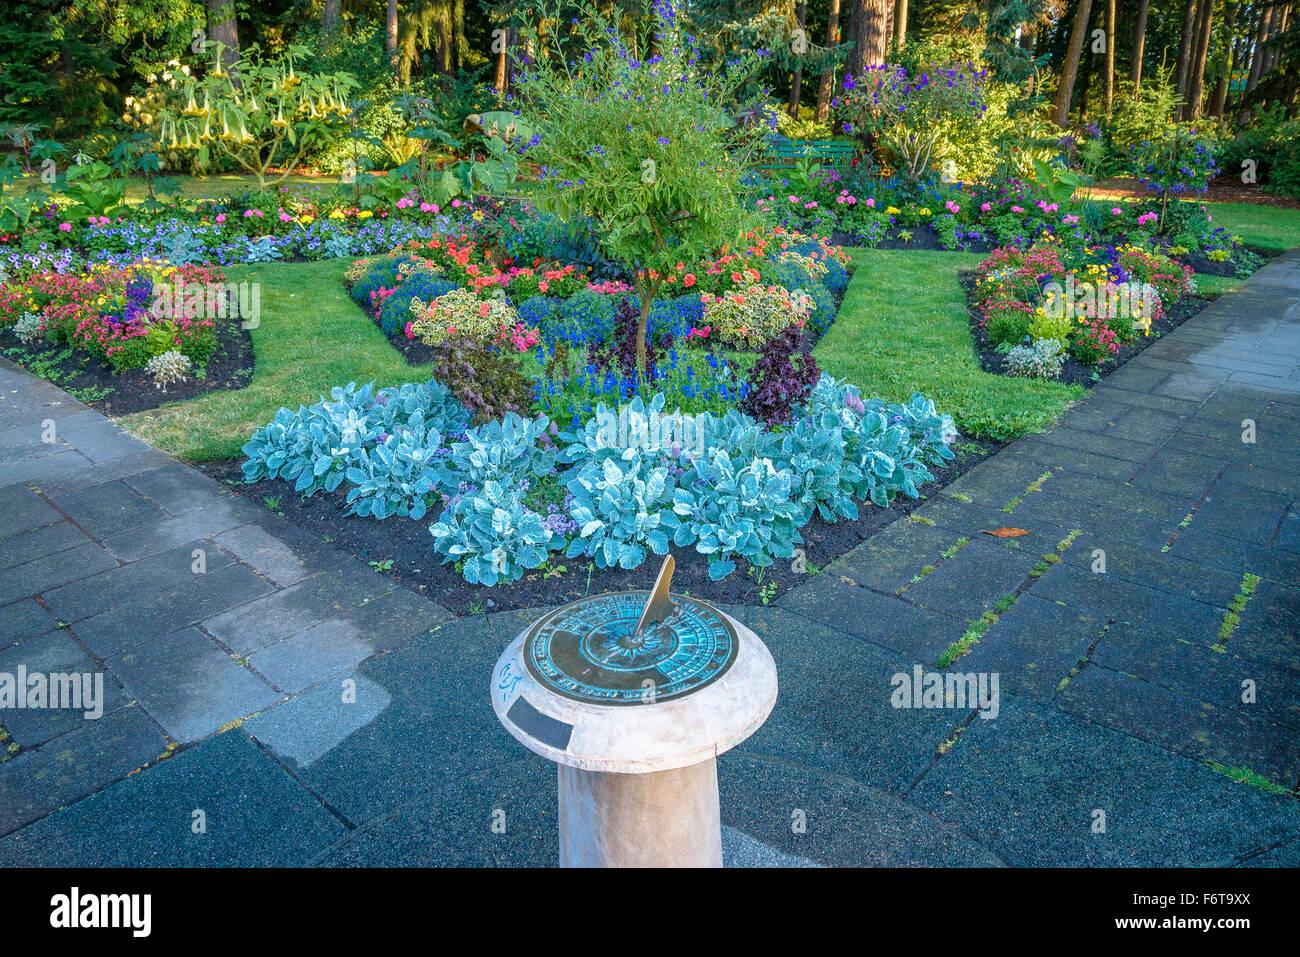 Meridiana, Beacon Hill Park, Victoria, British Columbia, Canada Immagini Stock